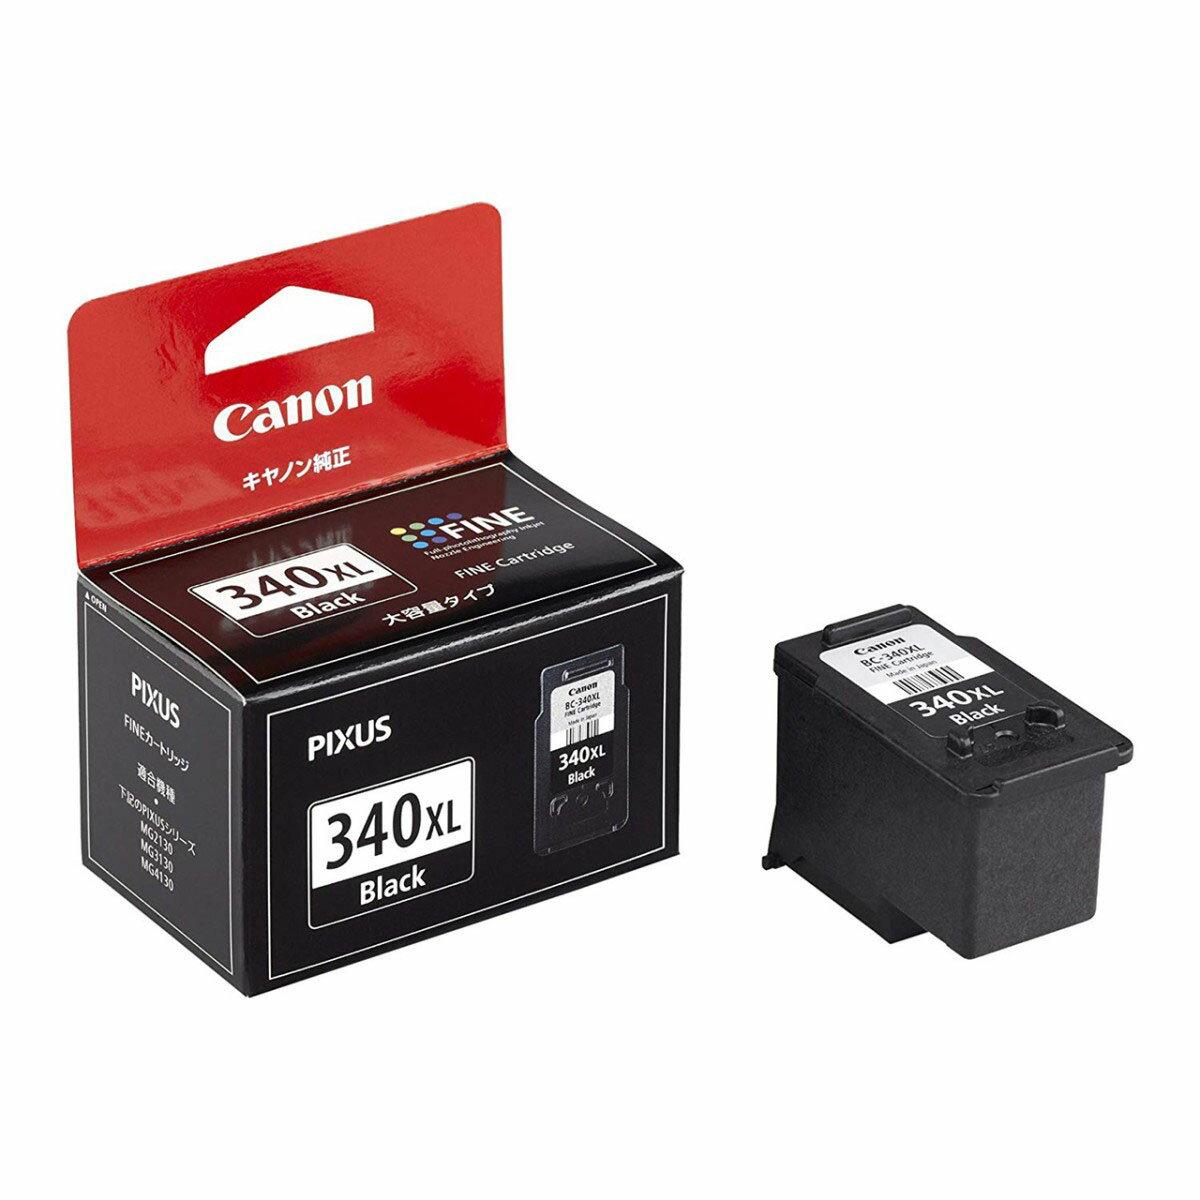 【まとめ割 2個セット】キャノン 純正インク BC-340XL (ブラック・大容量) FINEカートリッジキヤノン 【Canon】【送料無料】